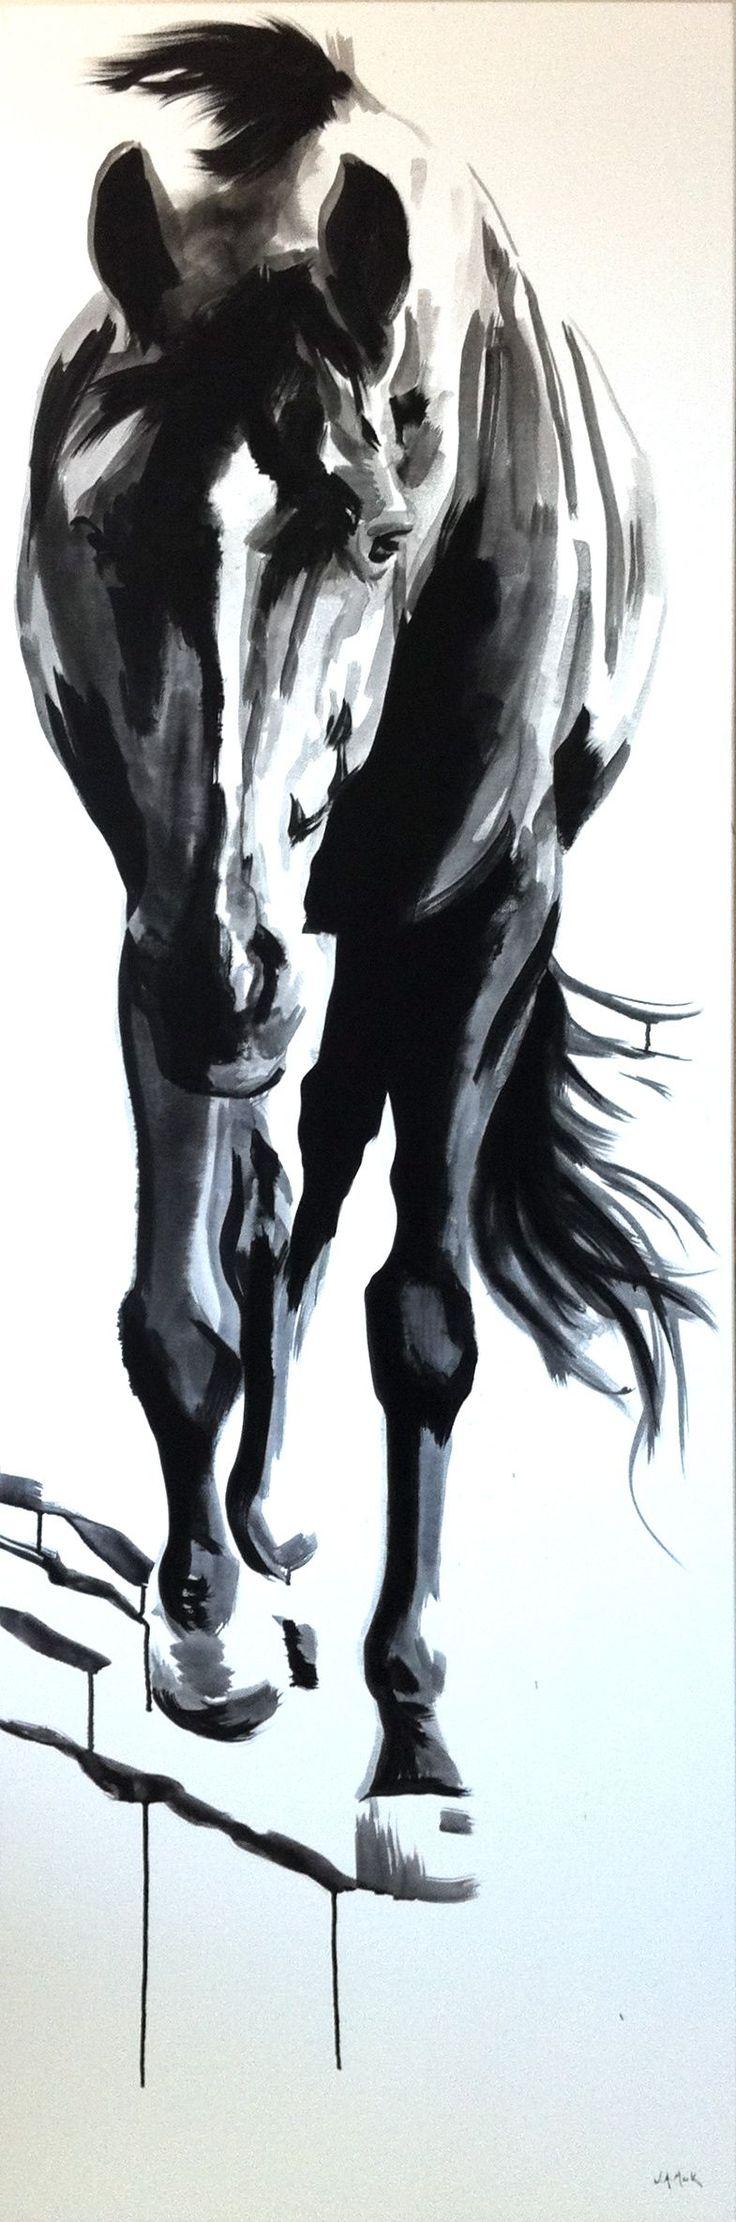 #wwwjmackfineartcom #jennifer #shasta #canvas #pferd